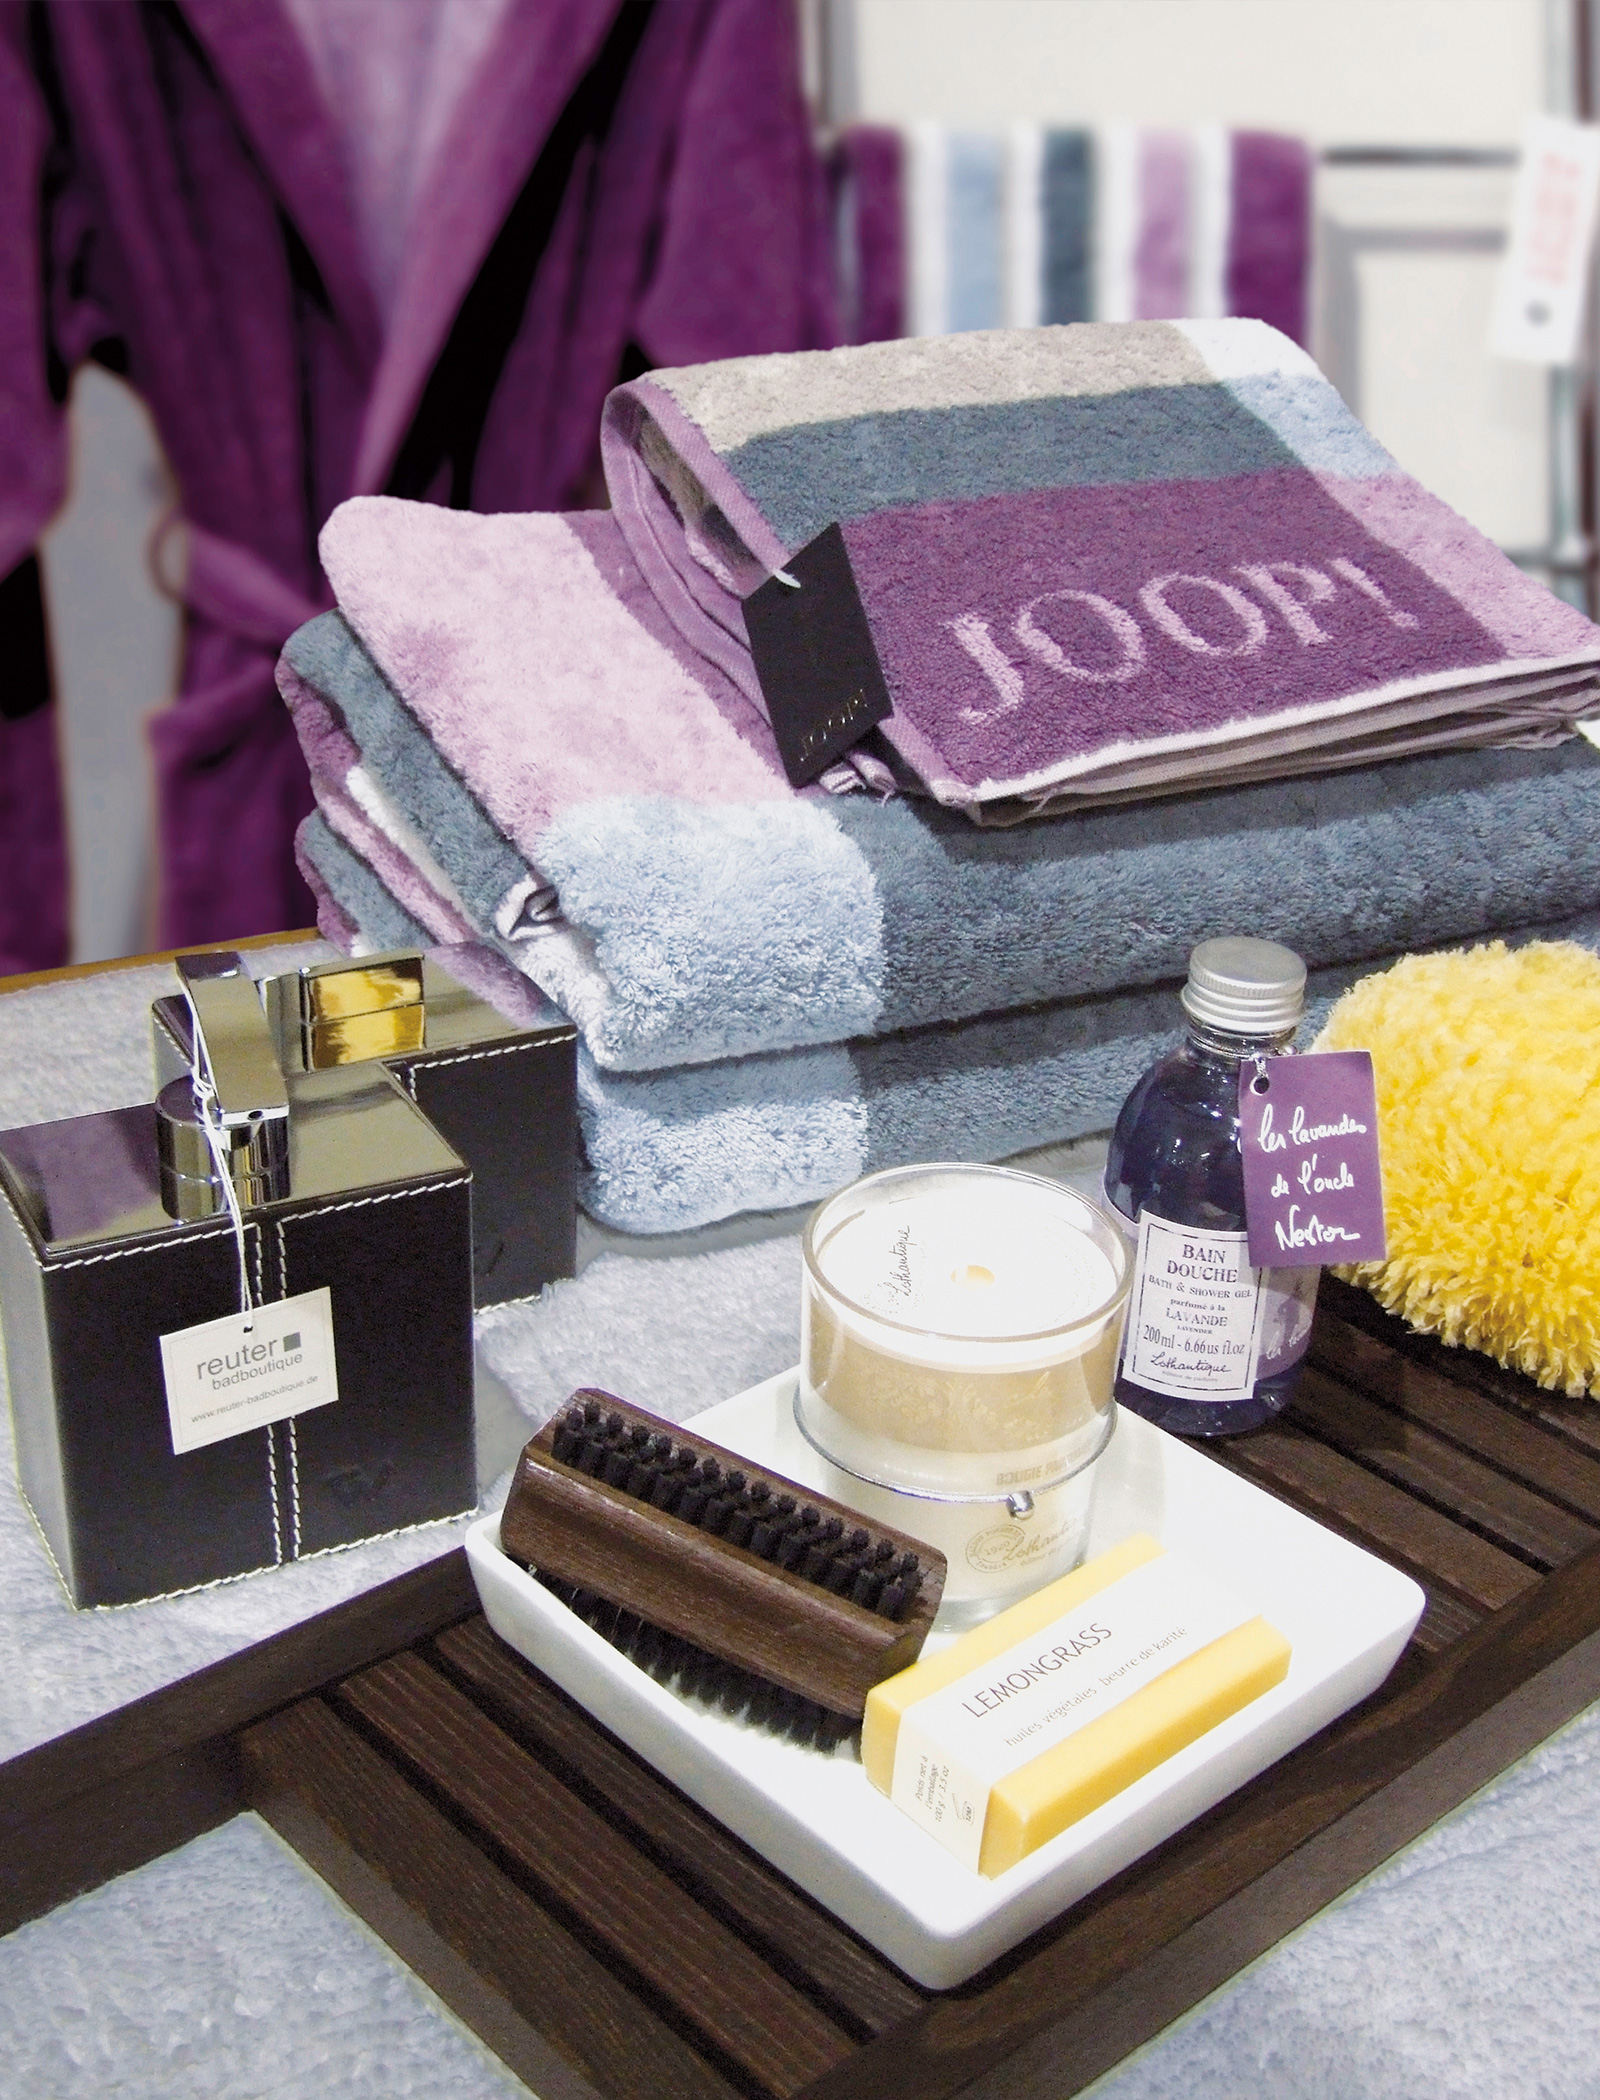 komplett b der tage im reuter badshop waren ein riesenerfolg reuter pressemitteilung. Black Bedroom Furniture Sets. Home Design Ideas